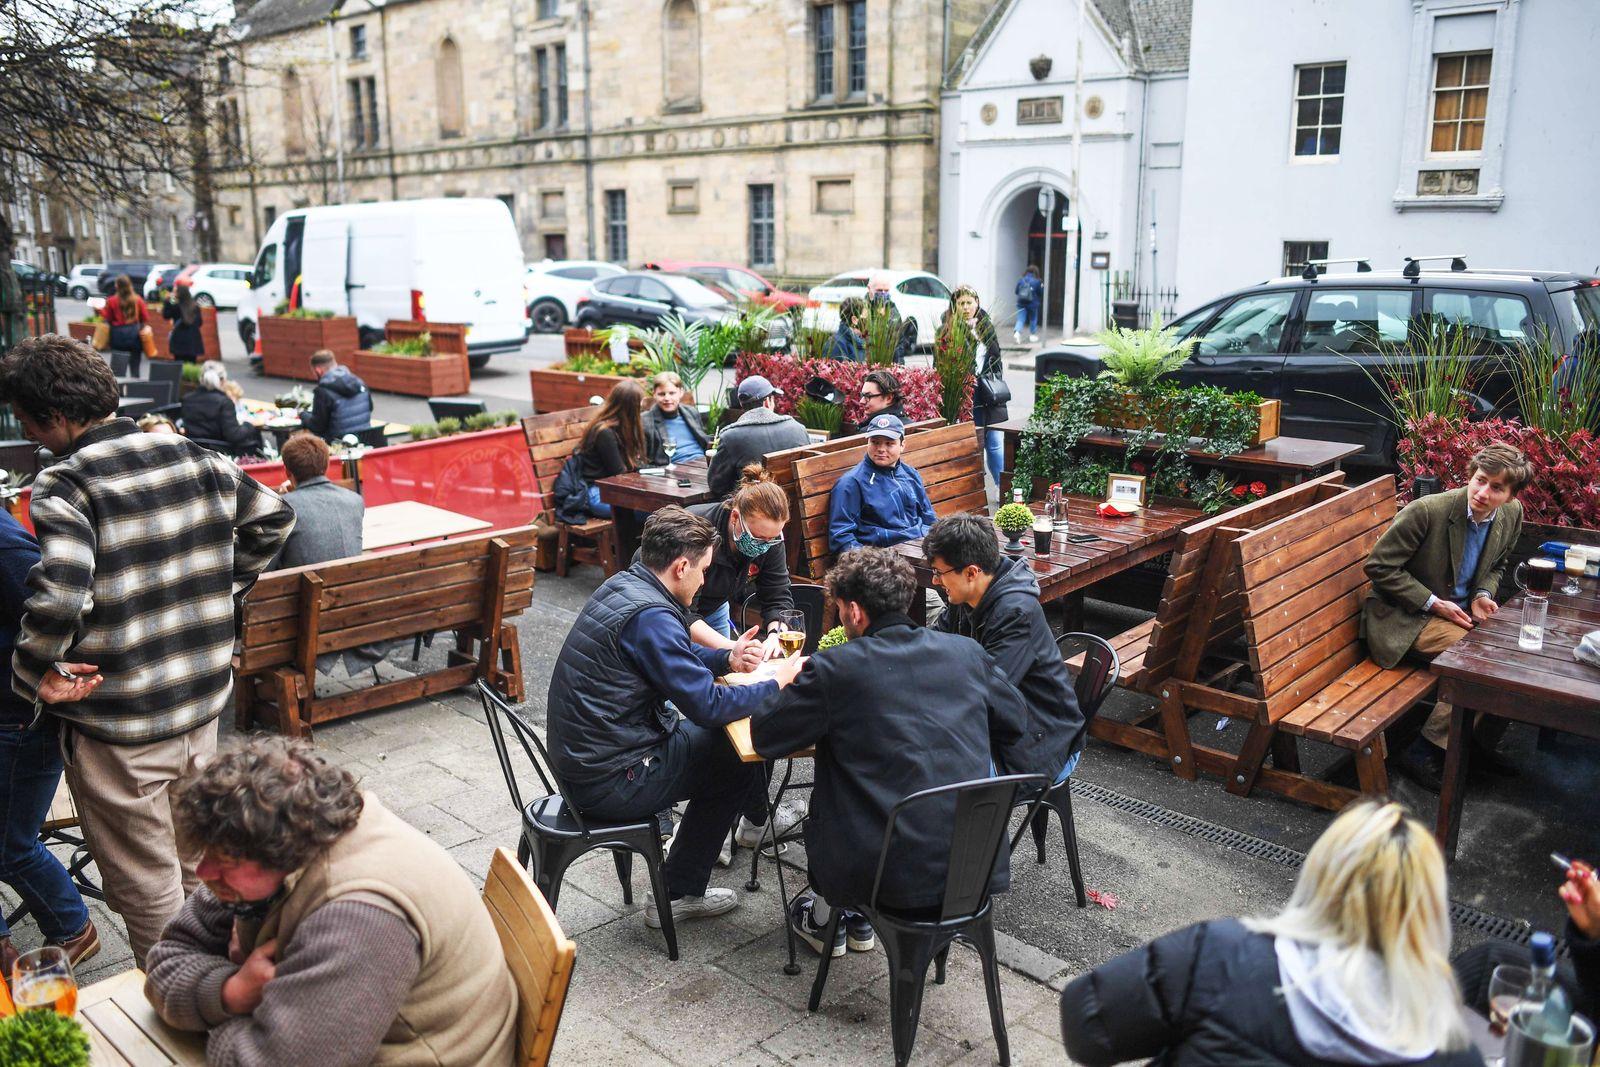 Outdoor Socialising Begins Again In Scotland As Lockdown Measures Are Eased